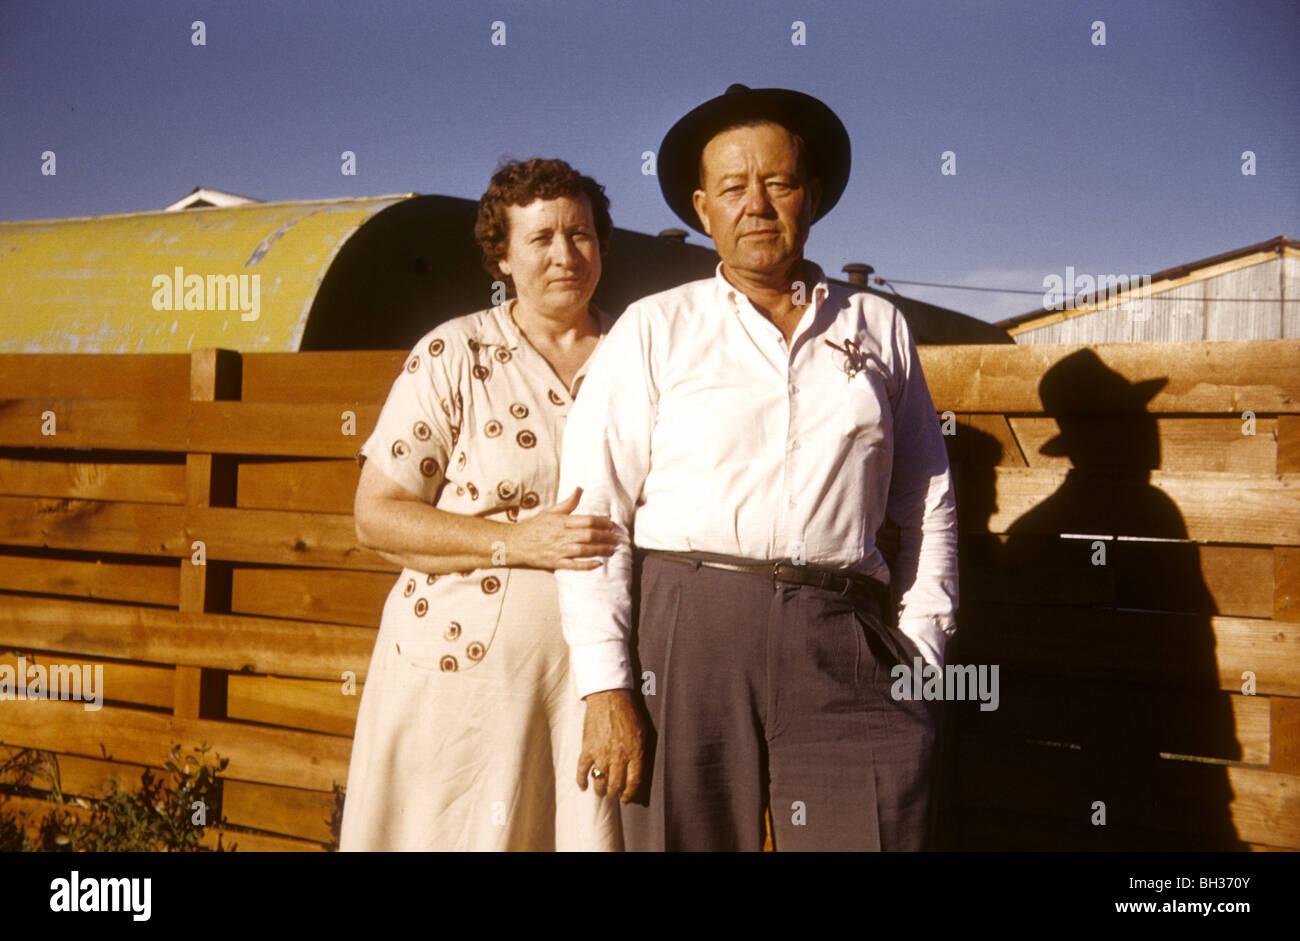 Alt verheiratet paar stehen durch einen Zaun im amerikanischen Westen während der 1950er und 1960er Jahren. Stockbild